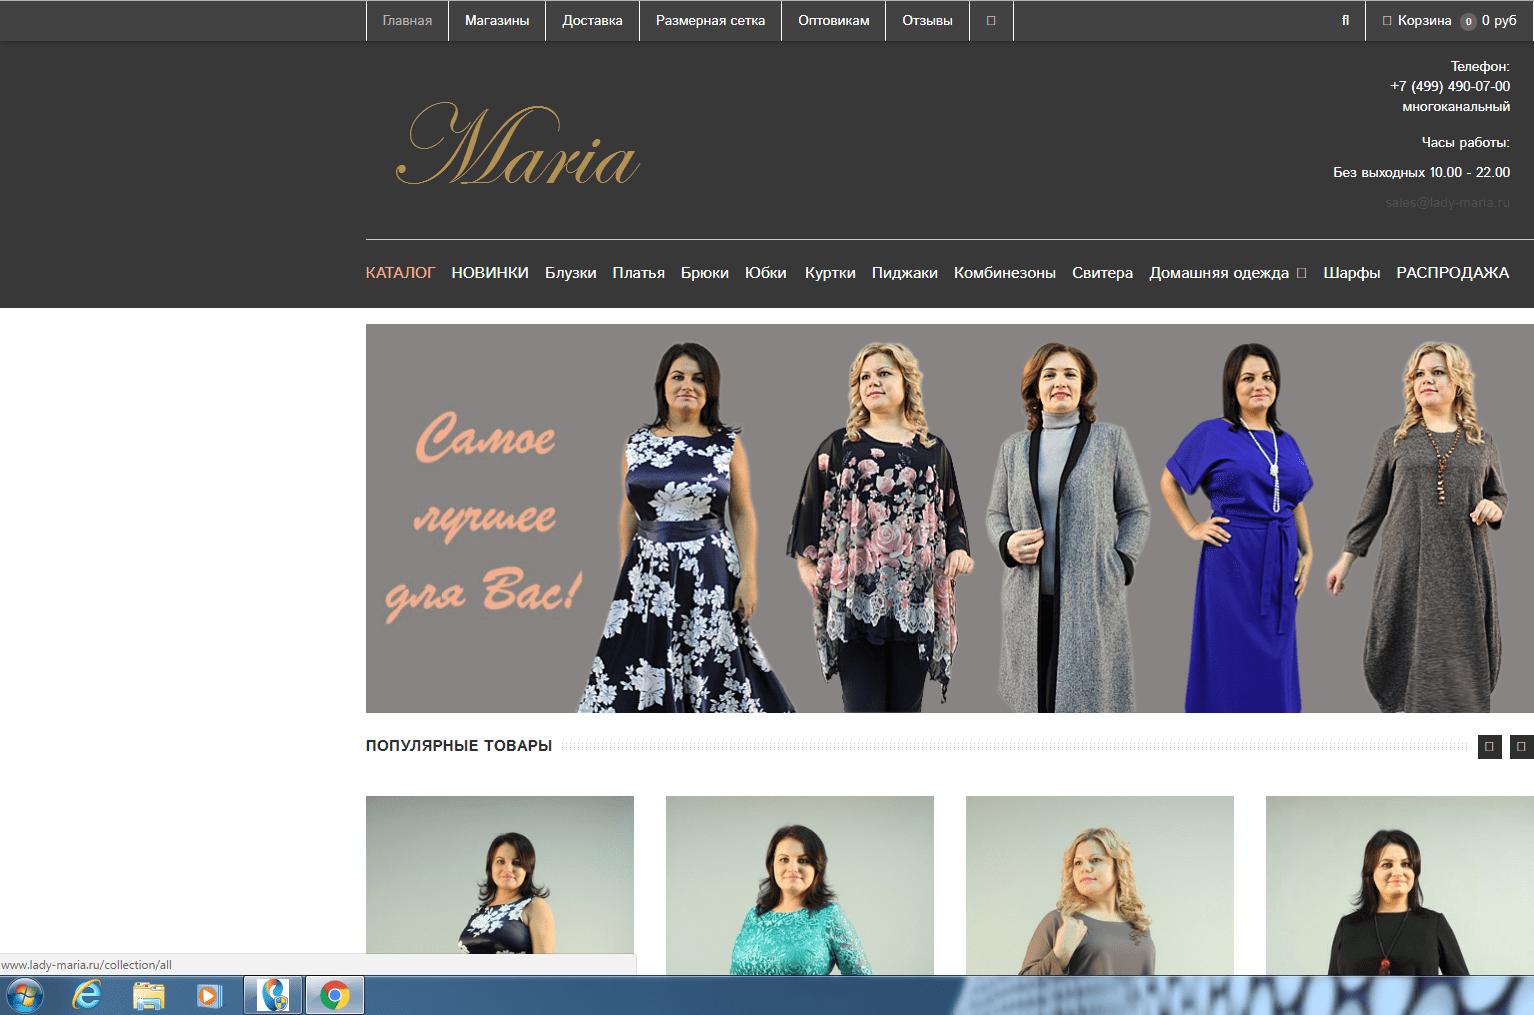 8230bf136ee Интернет-магазин женской одежды больших размеров Lady-maria.ru отзывы